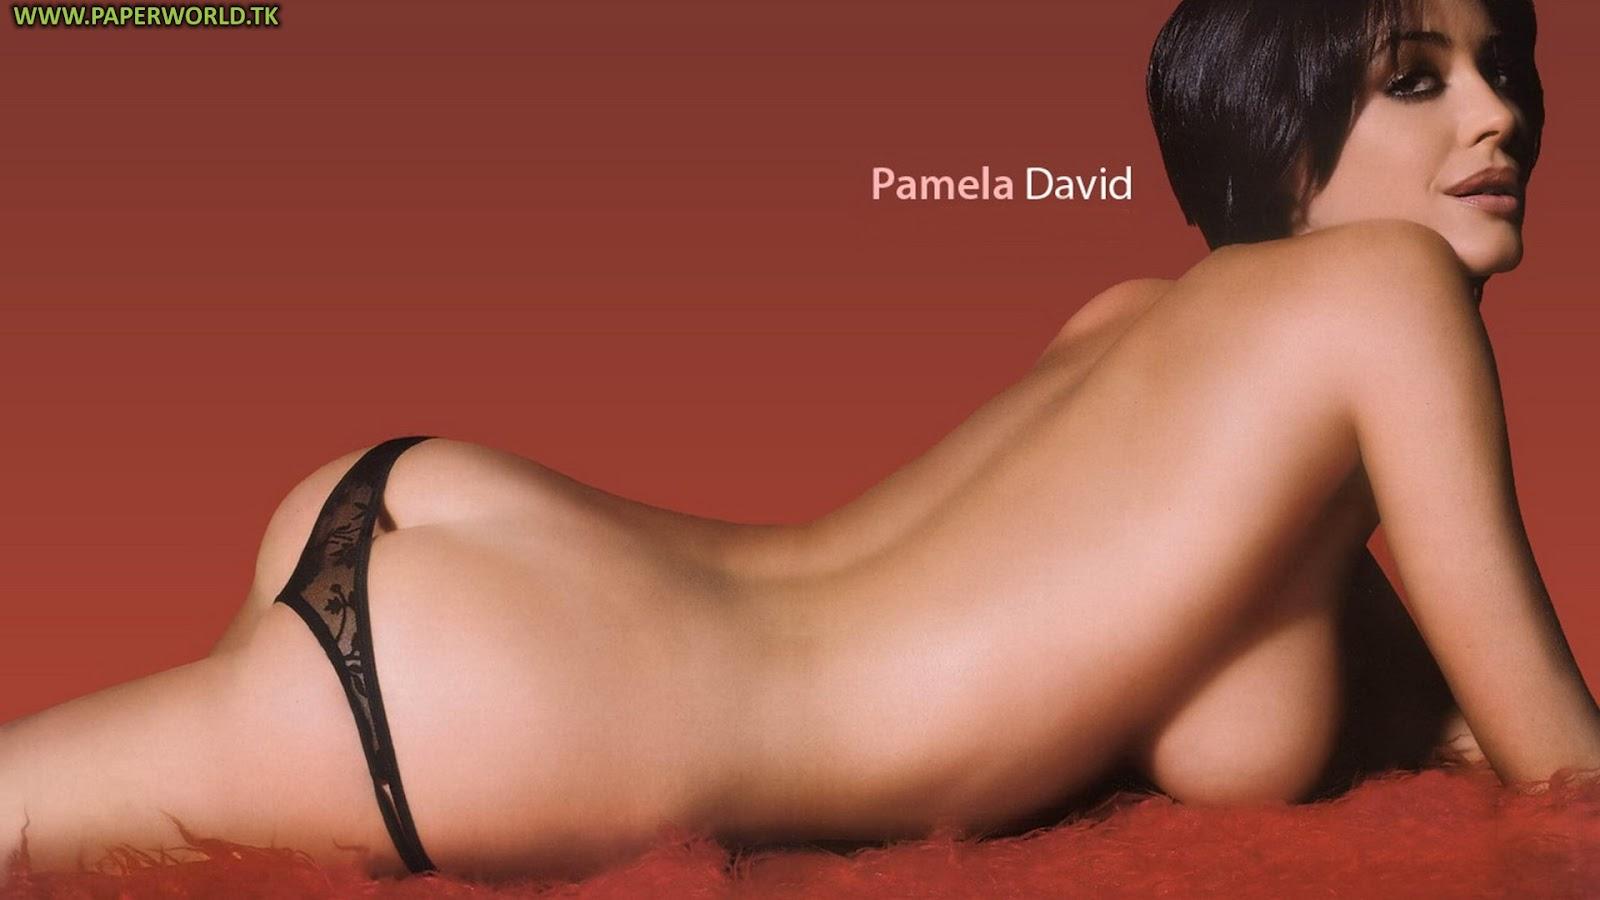 Pamela david nude oral images 379